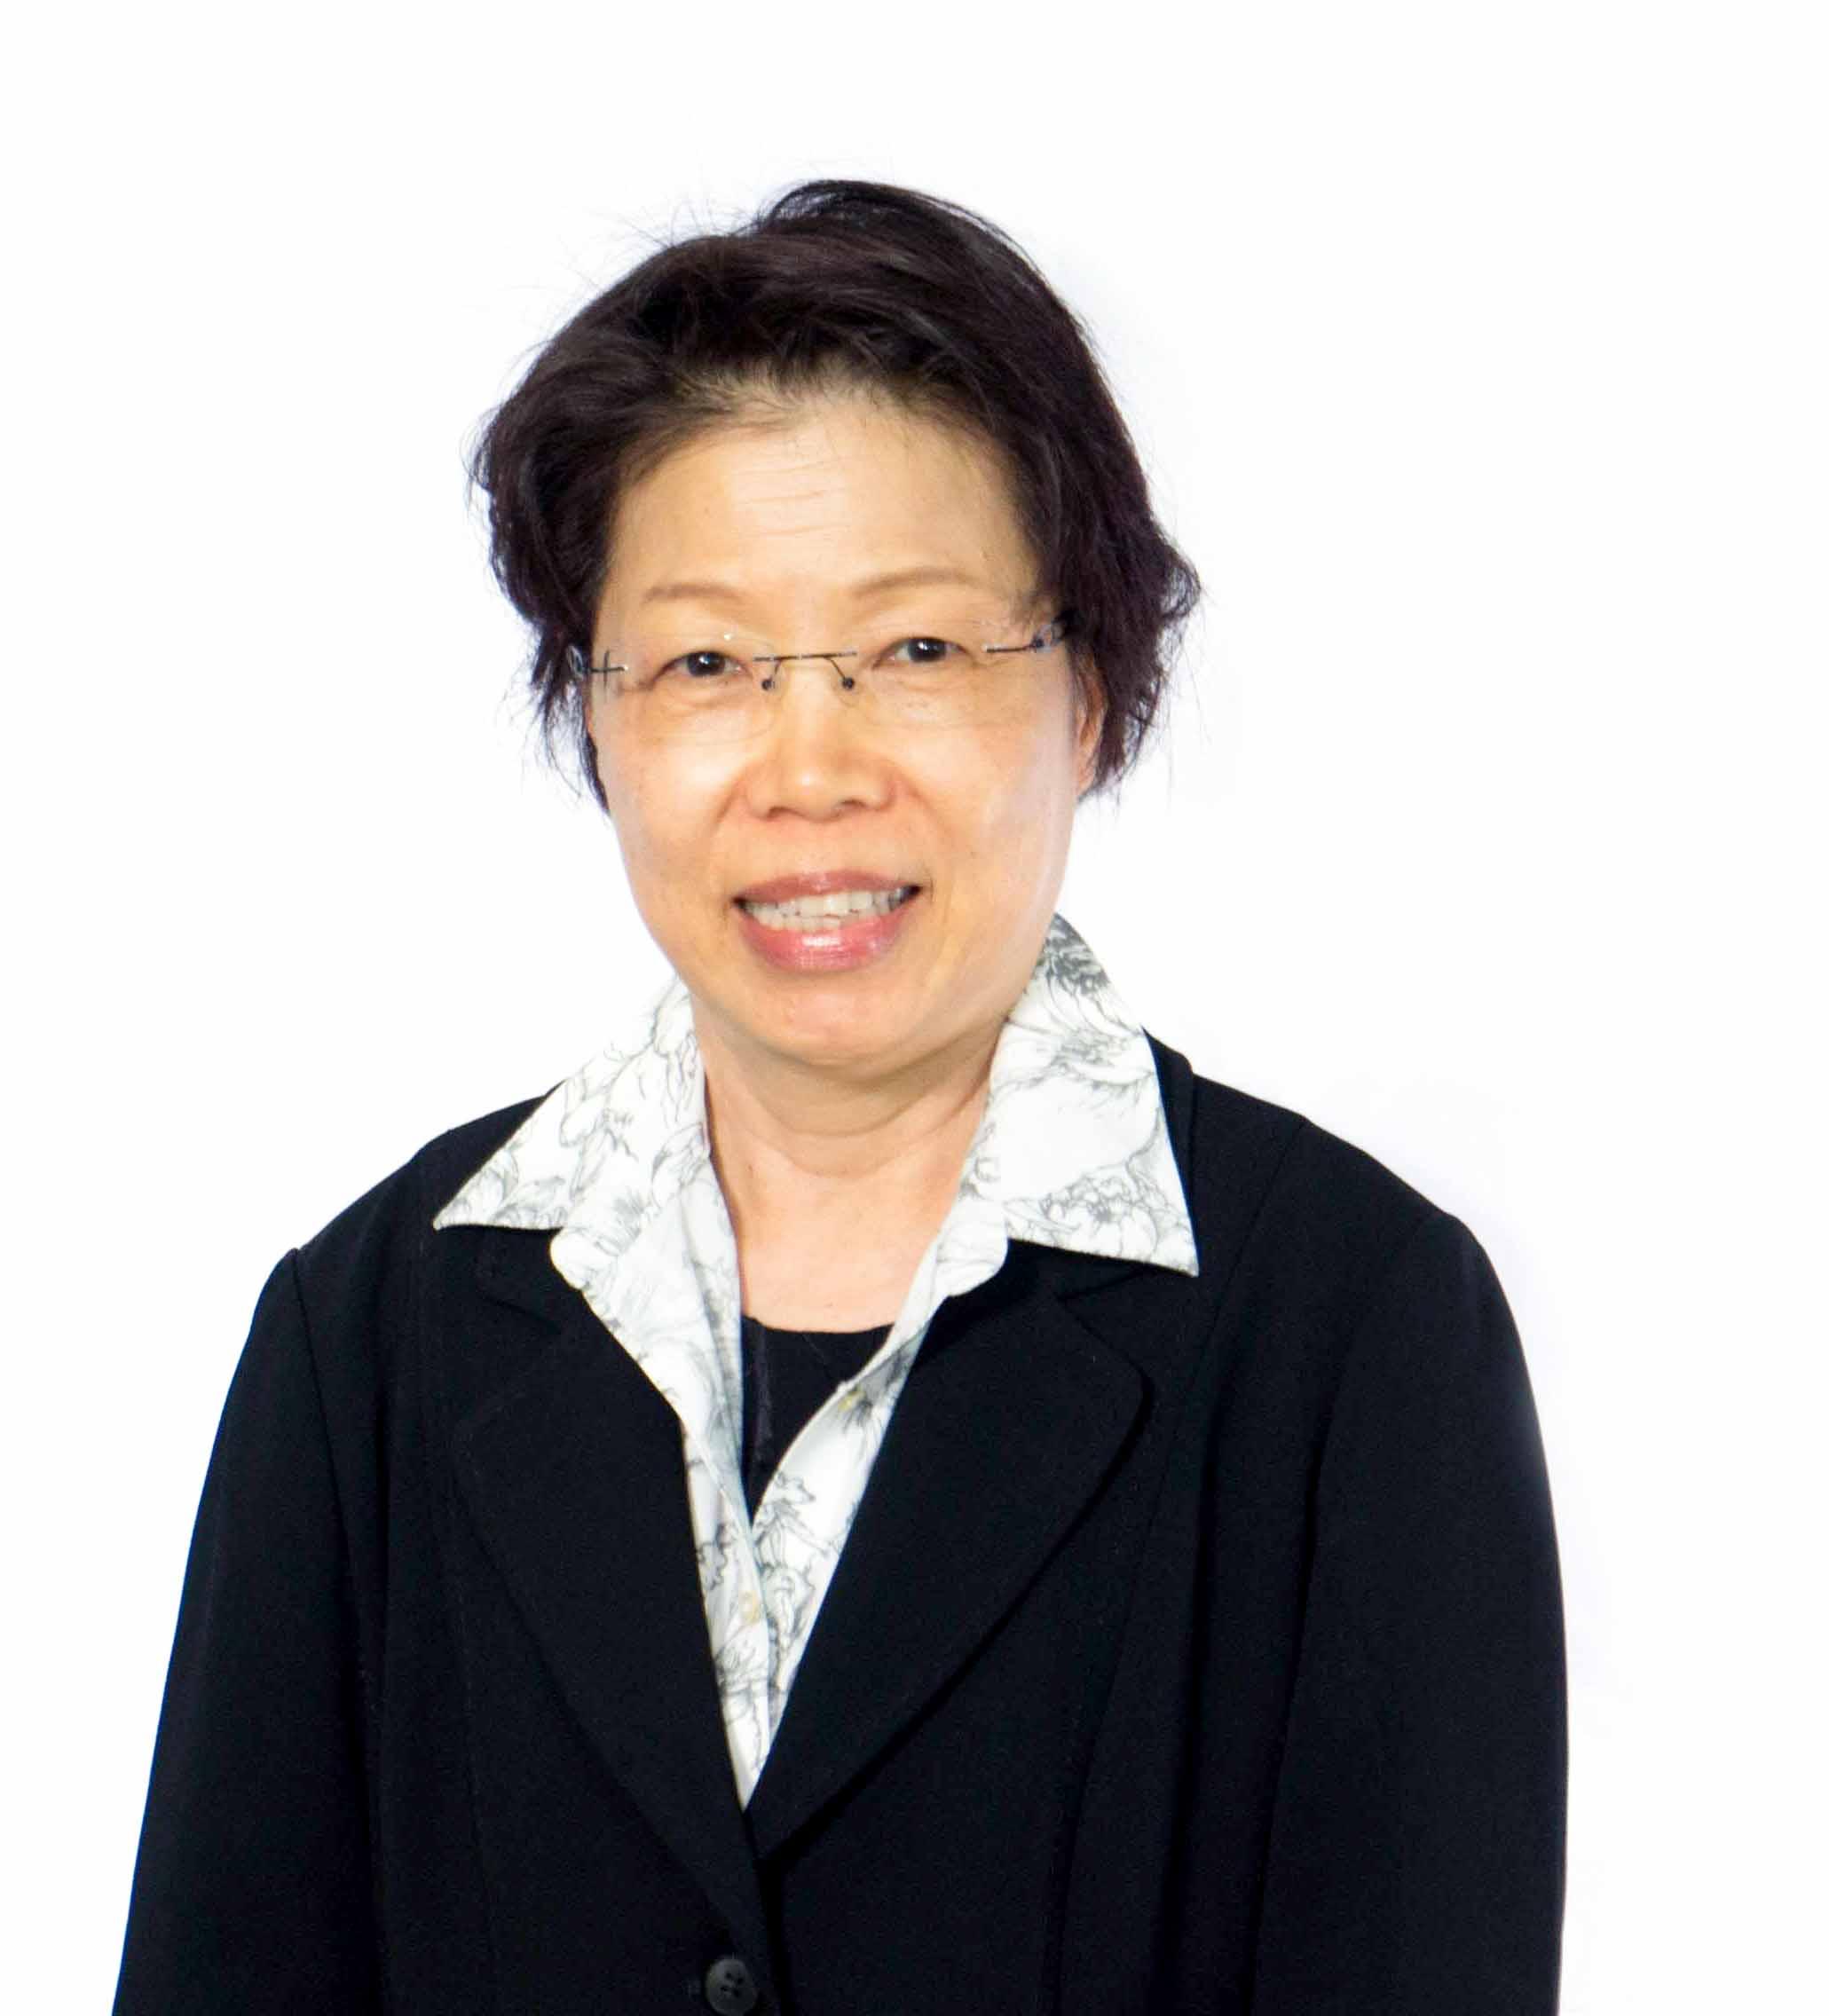 Dr. Joy Saik Oy Mooi